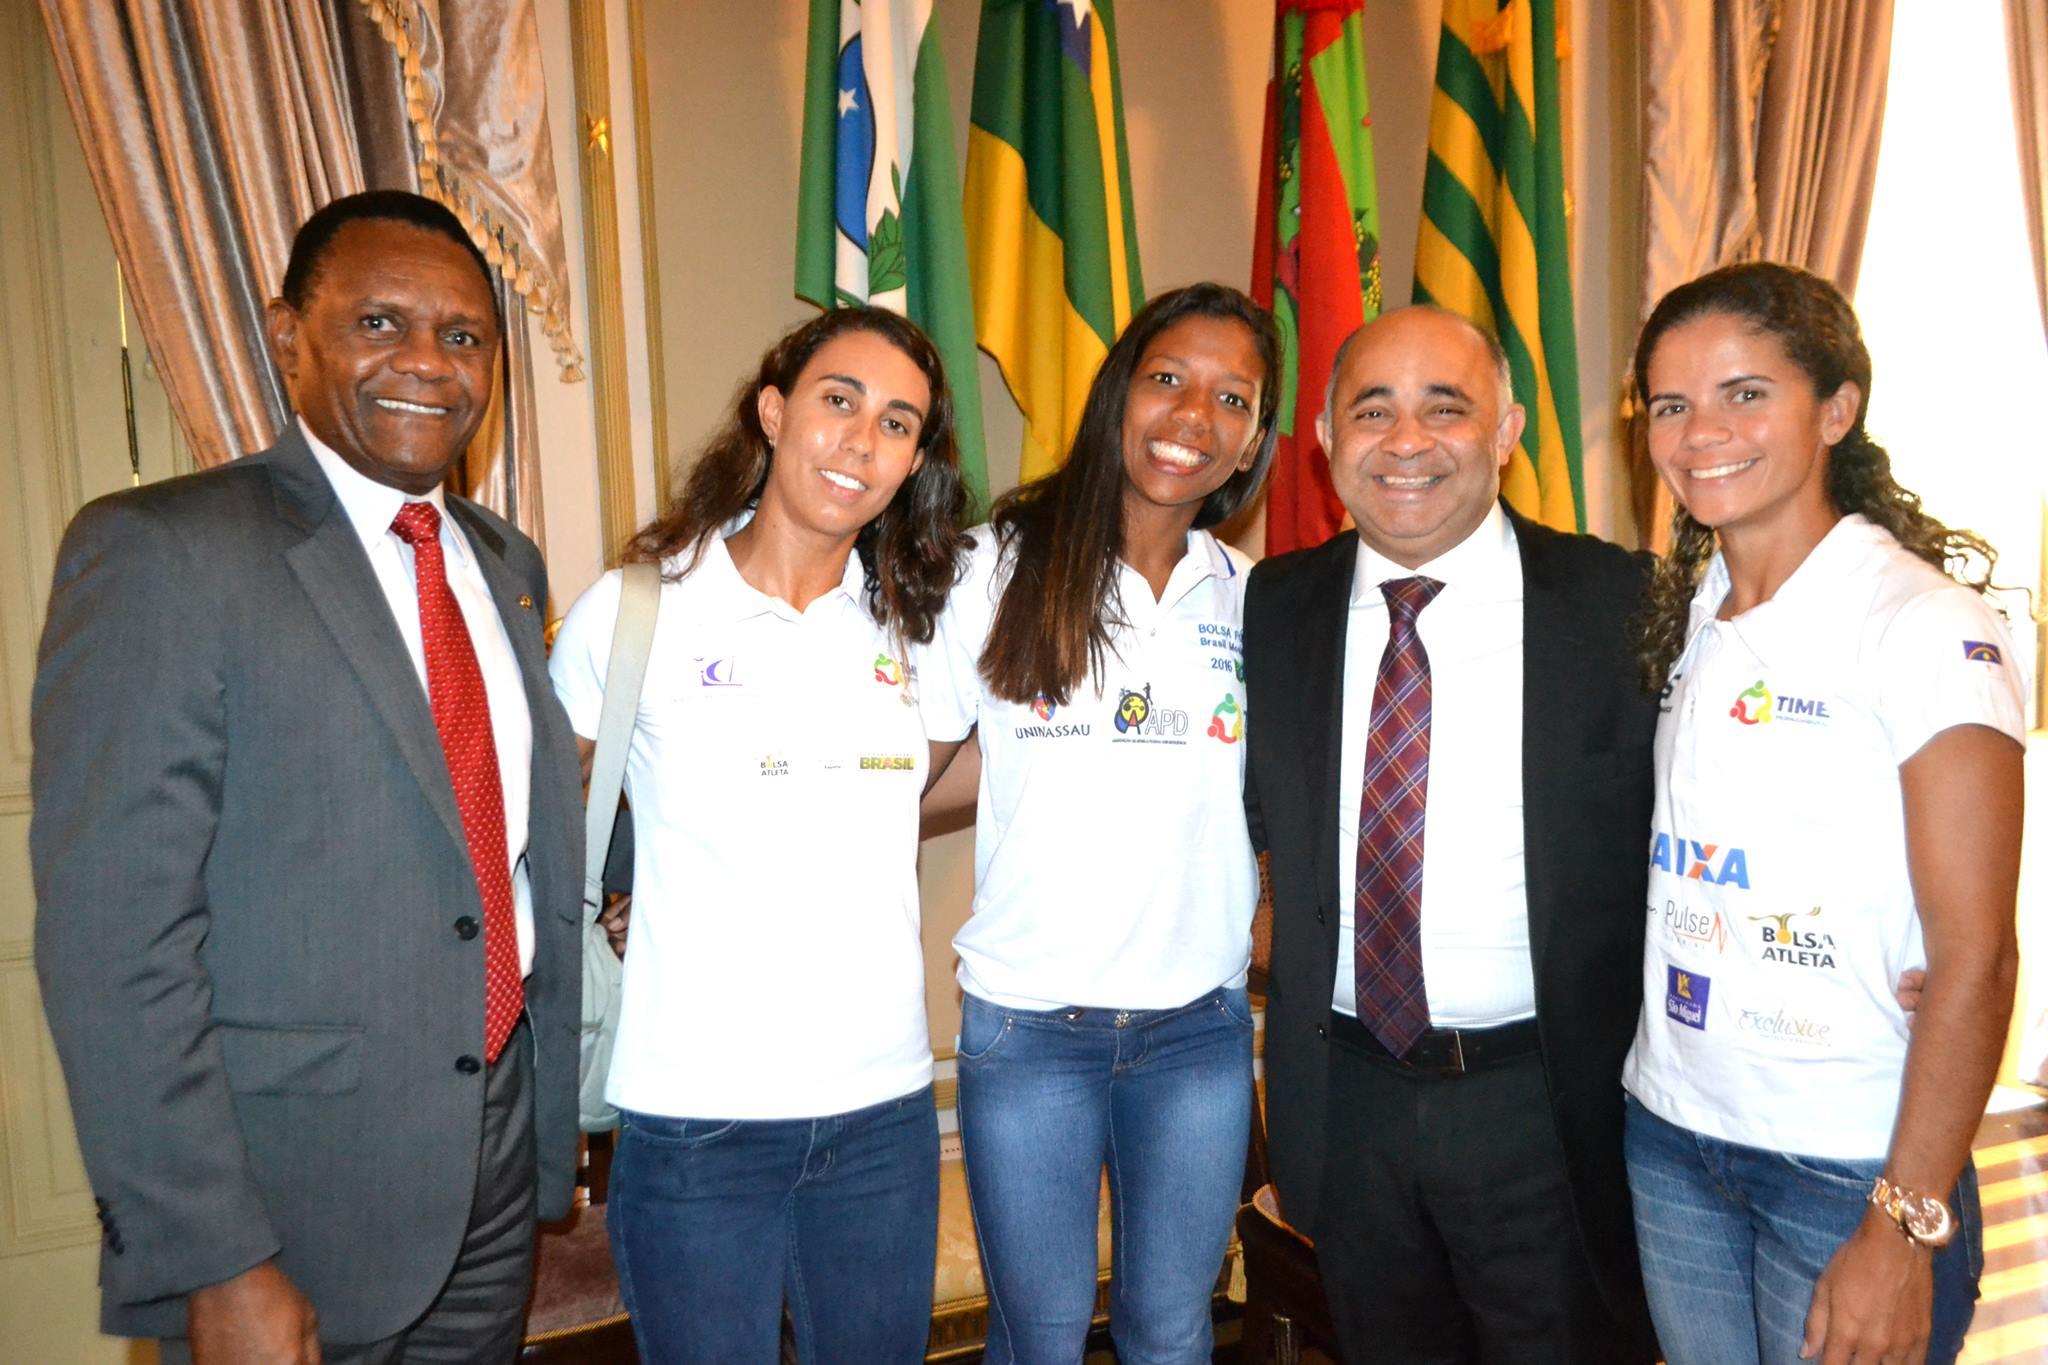 Ossesio prestigia visita do ministro do Esporte no estado